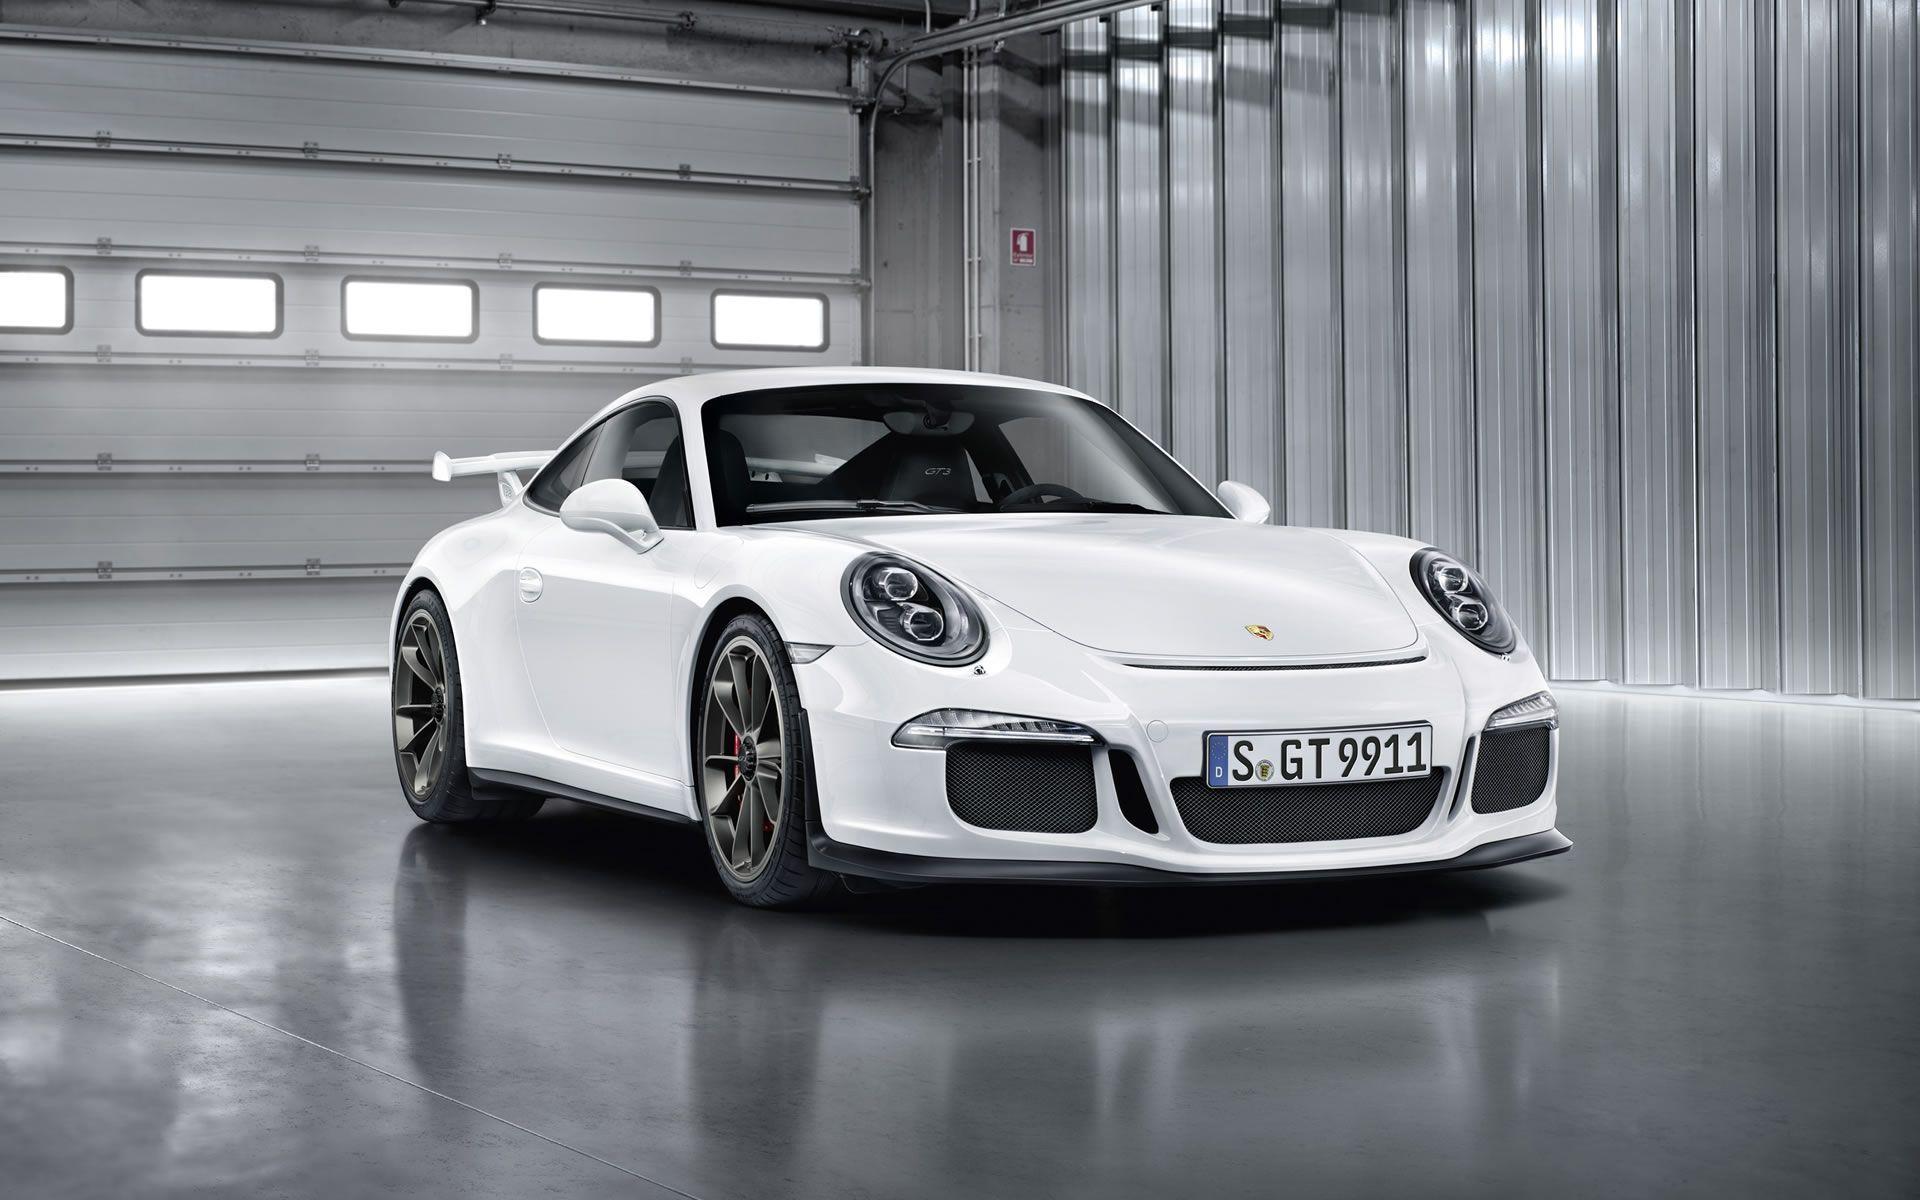 White Porsche Wallpapers Top Free White Porsche Backgrounds Wallpaperaccess